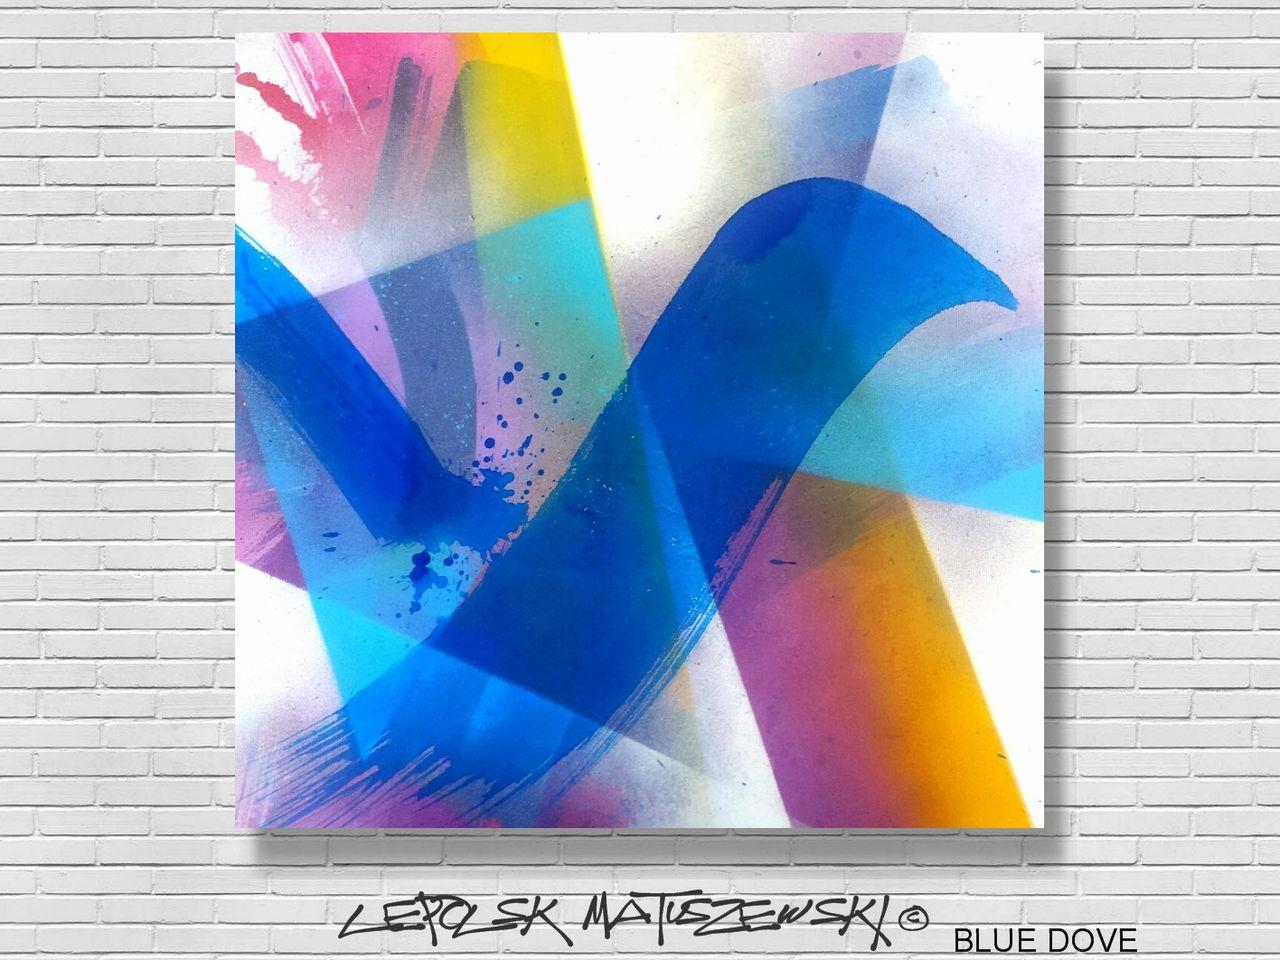 MK  Lepolsk Matuszewski BLUE DOVE abstract graffiti expressionism Lepolsk 2016